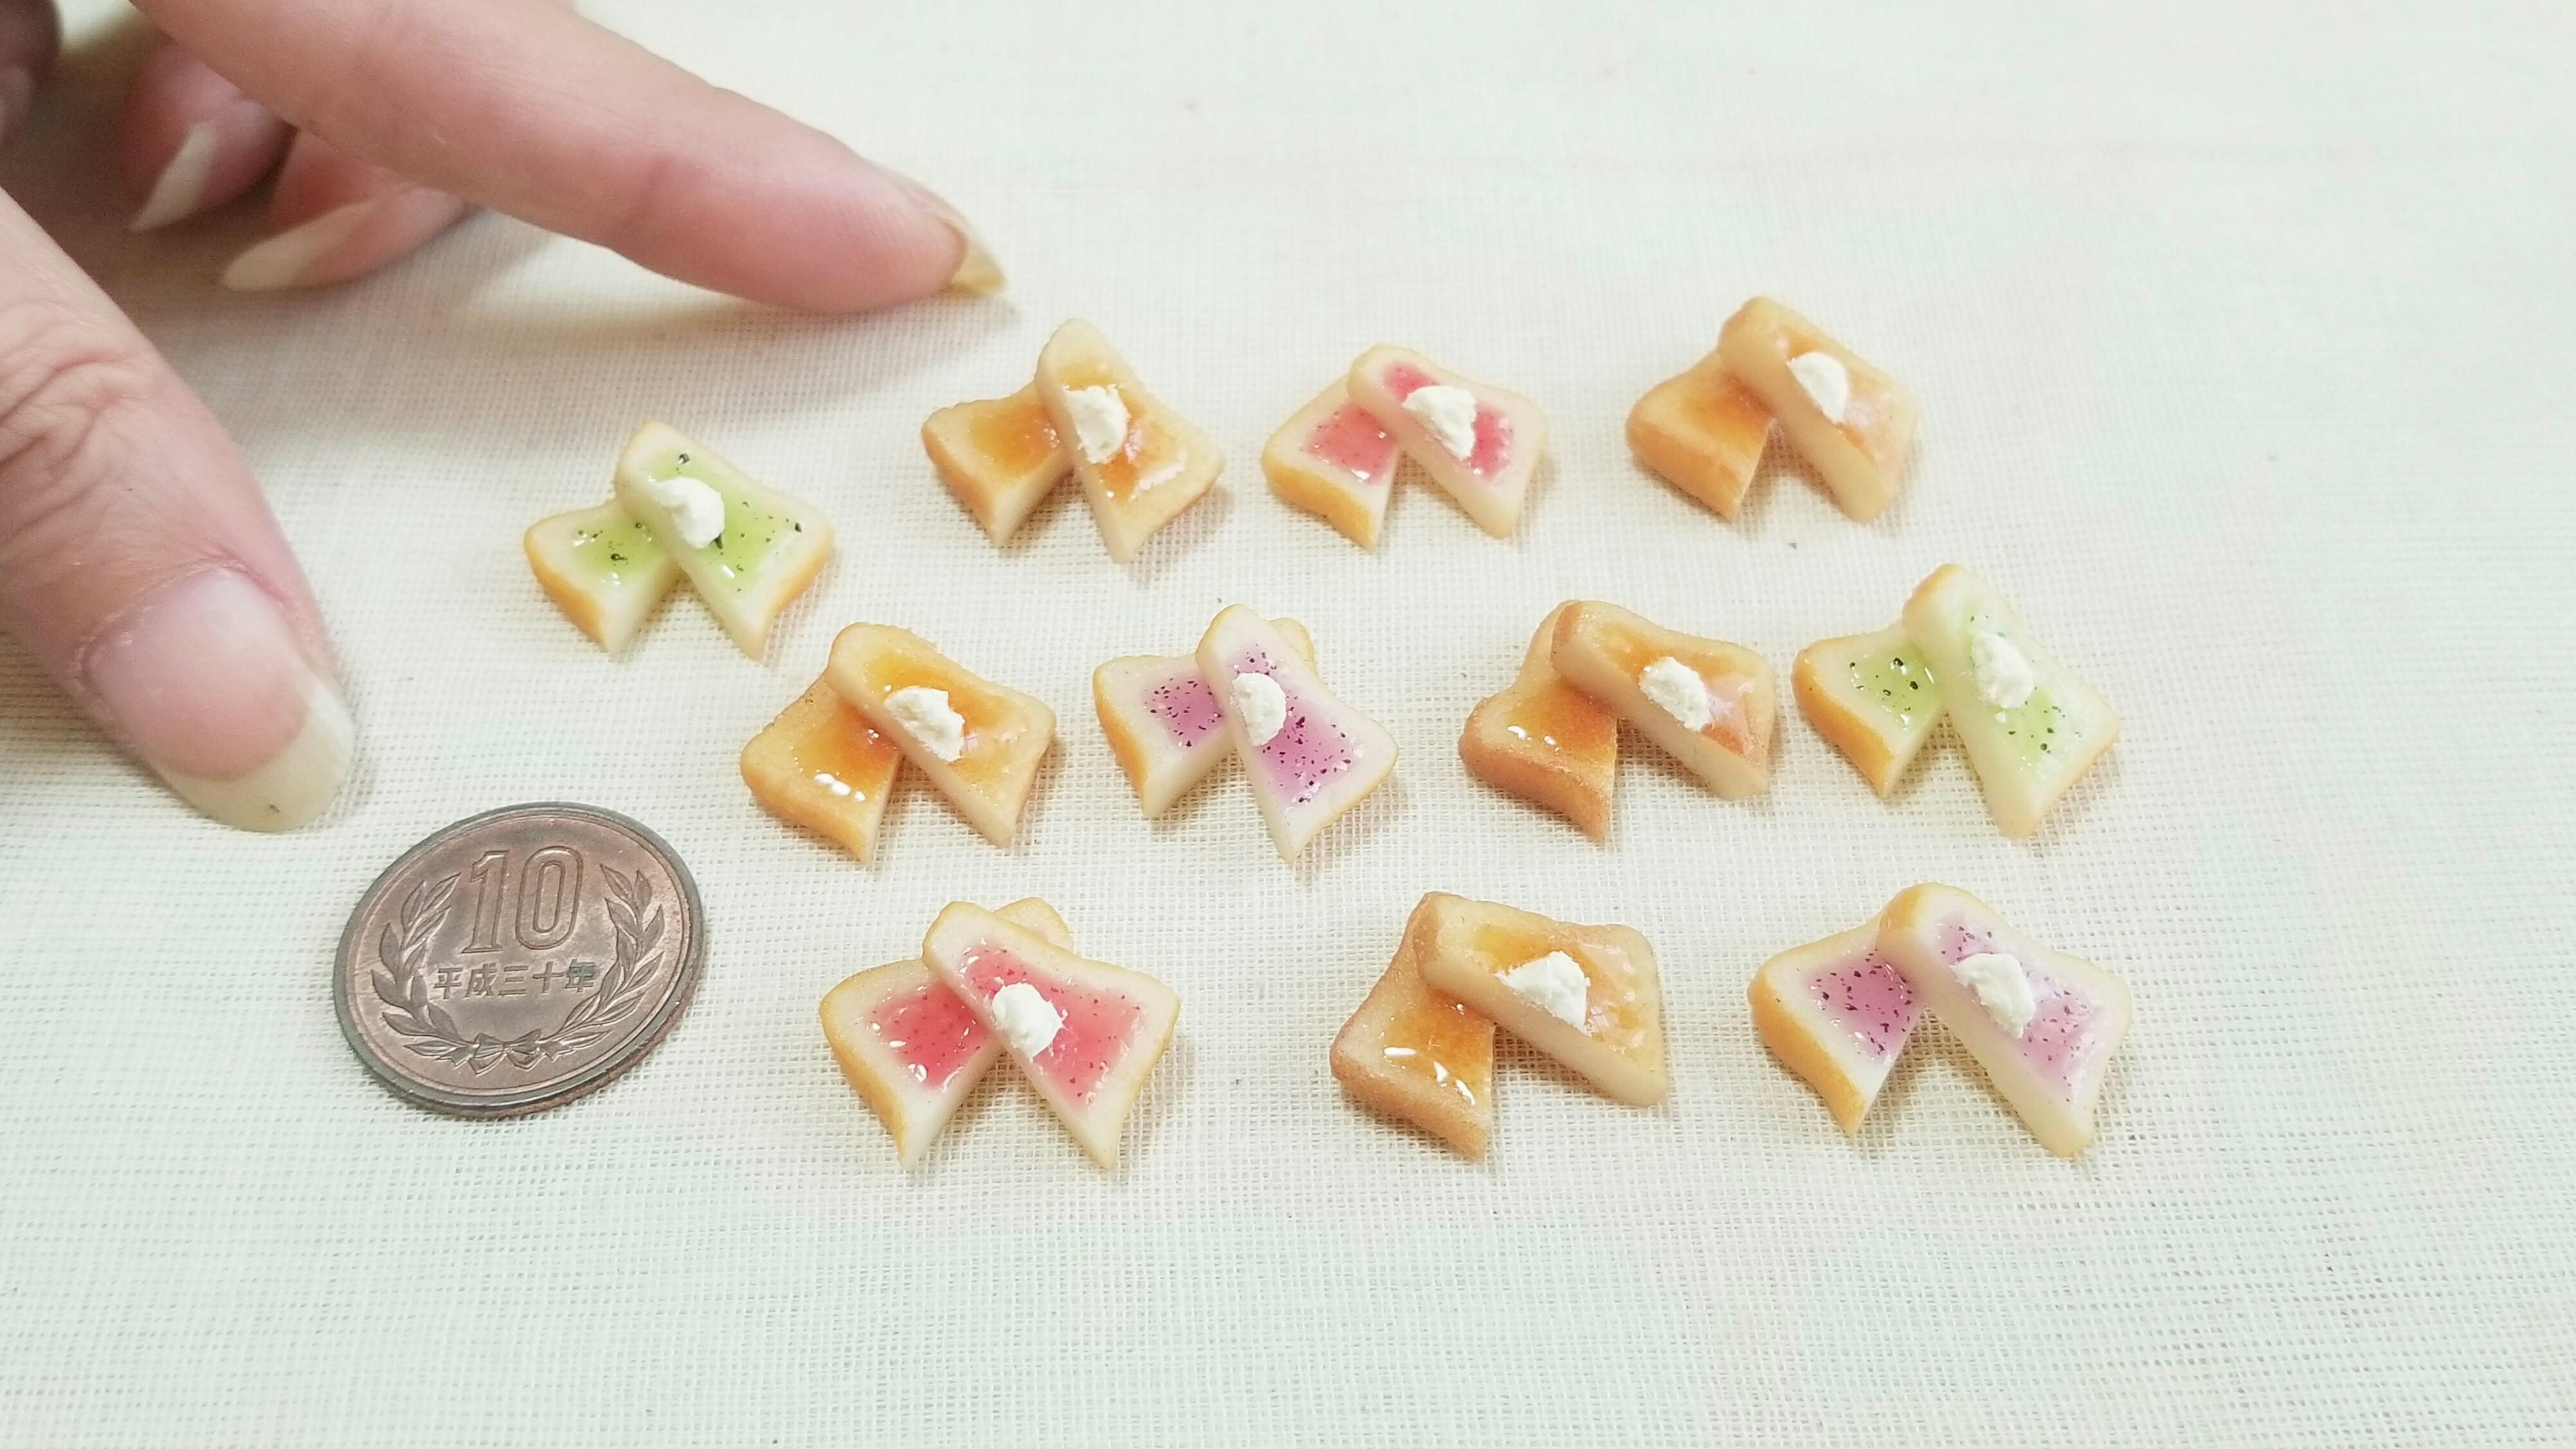 ミニチュアフード樹脂粘土食パンジャムトースト可愛い小物ミンネ販売